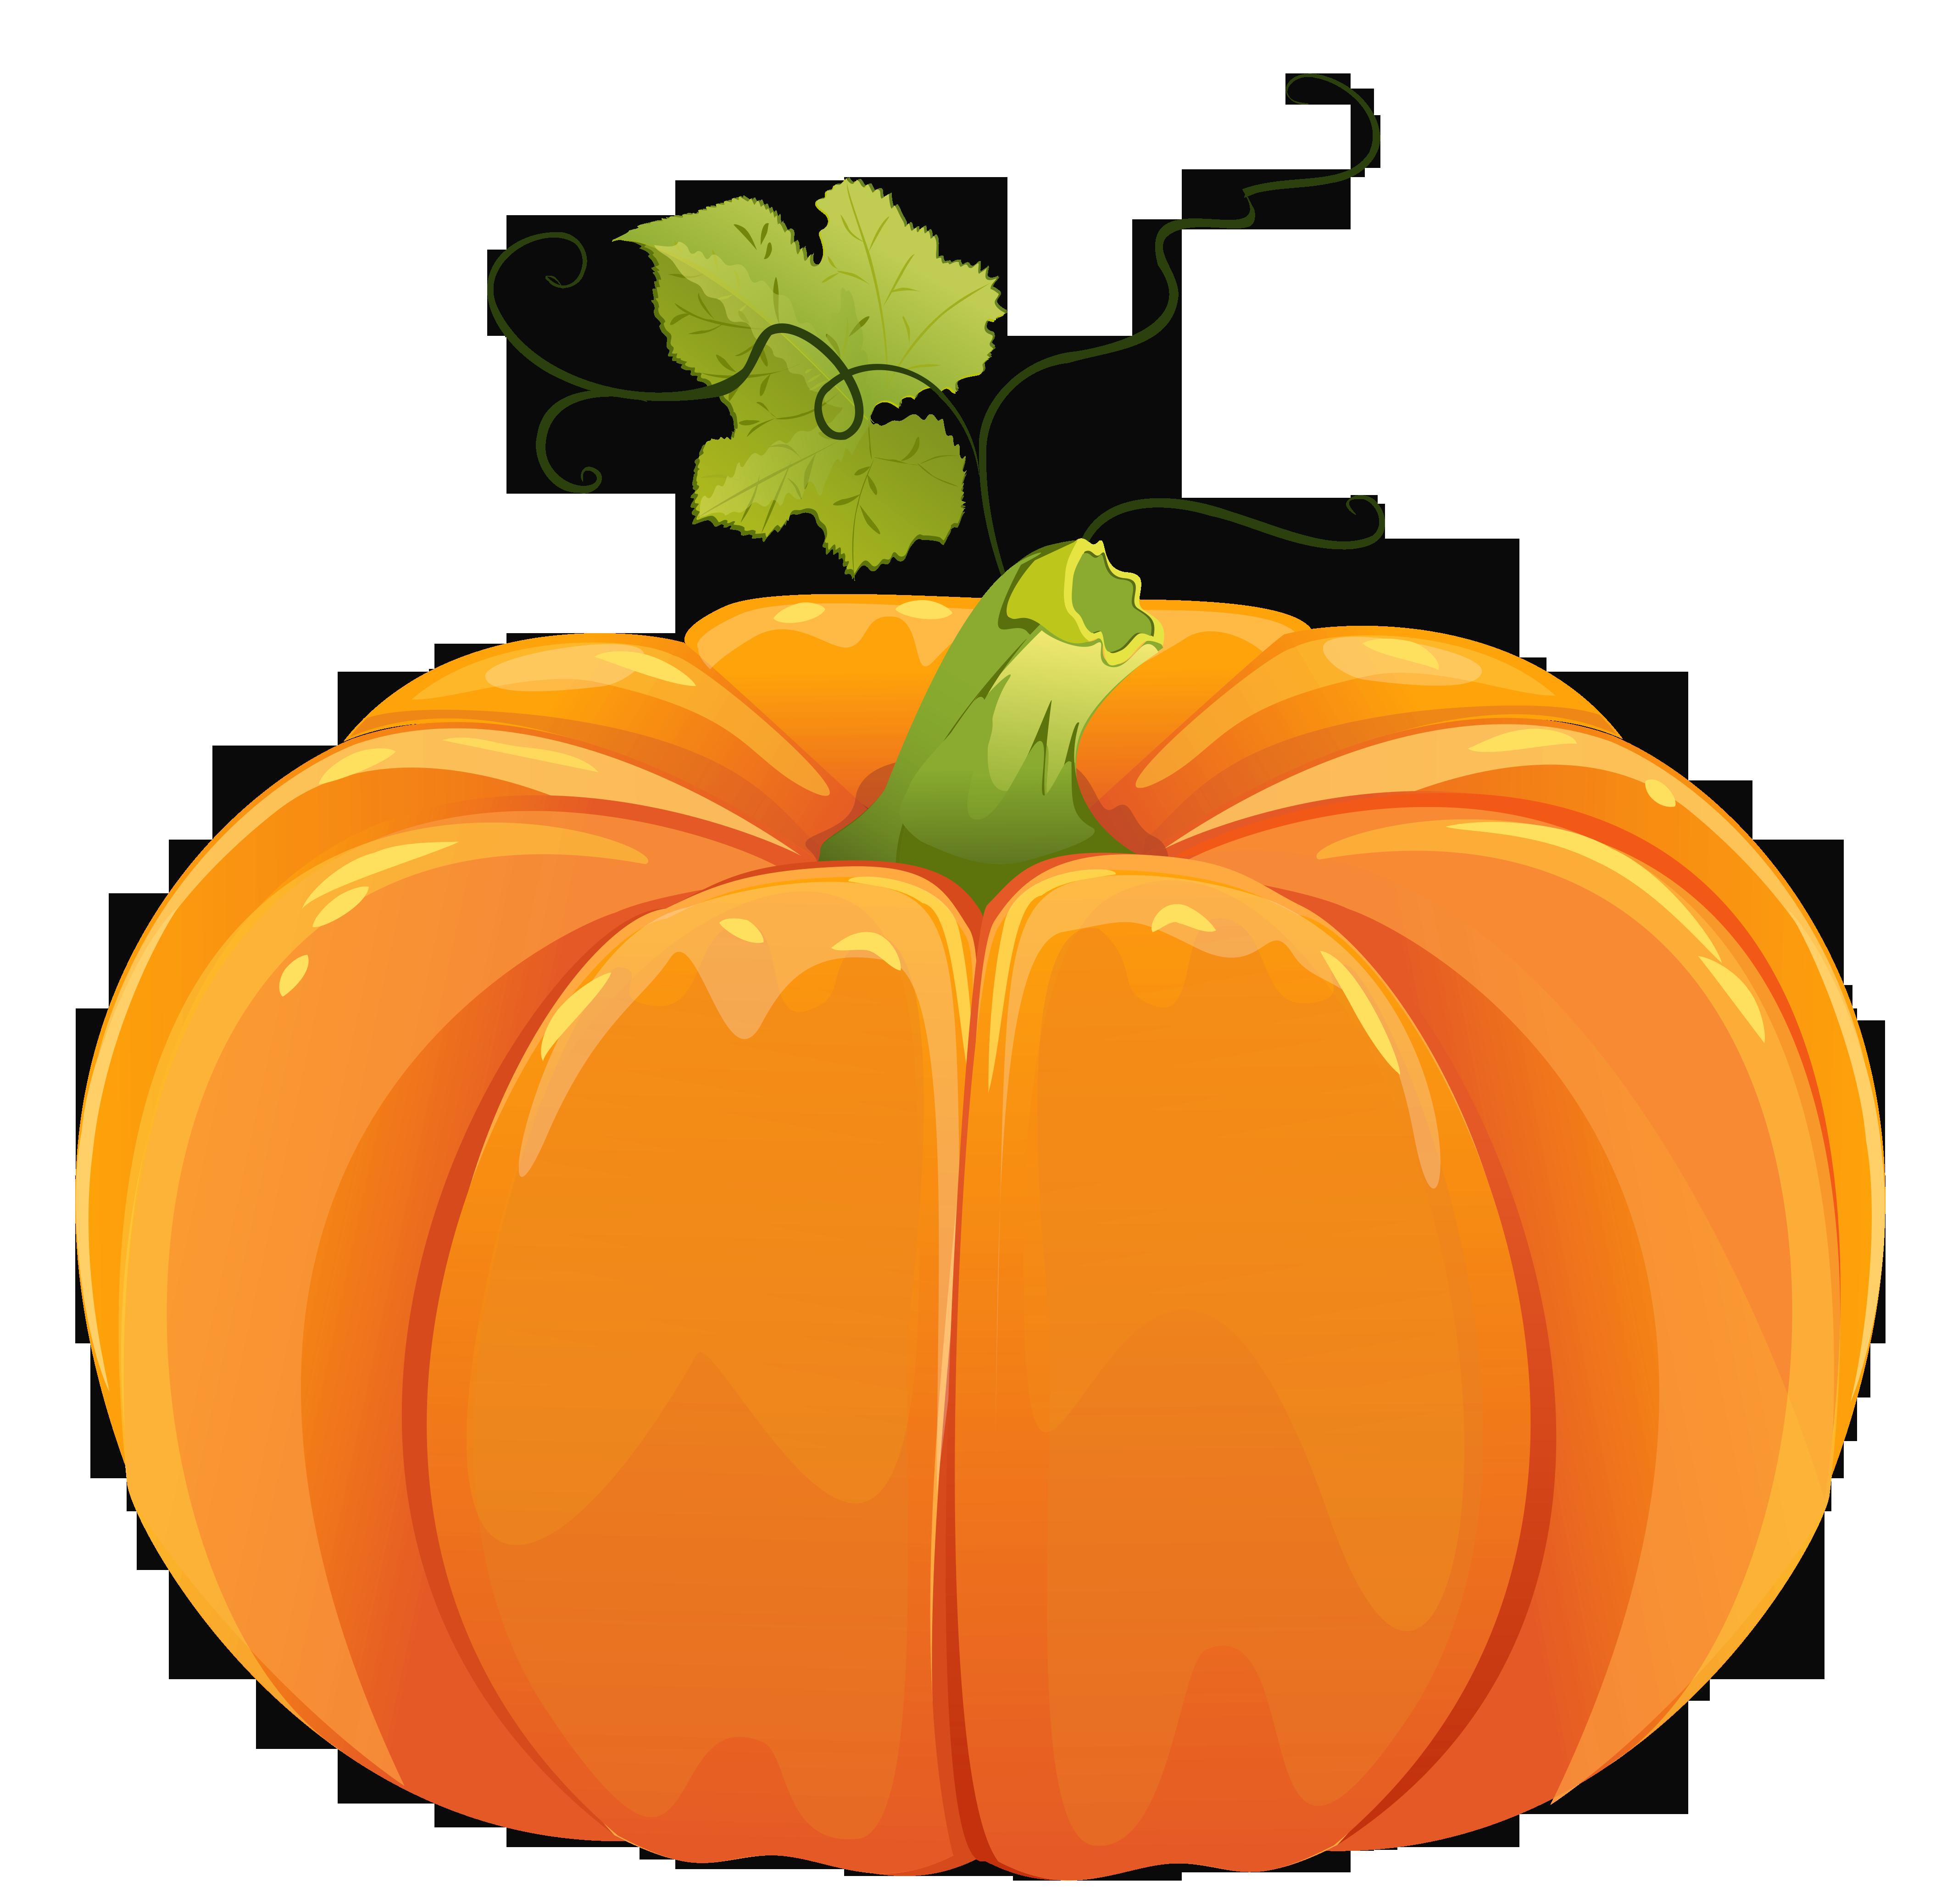 Free Clipart Pumpkins - clipa - Clipart Pumpkins